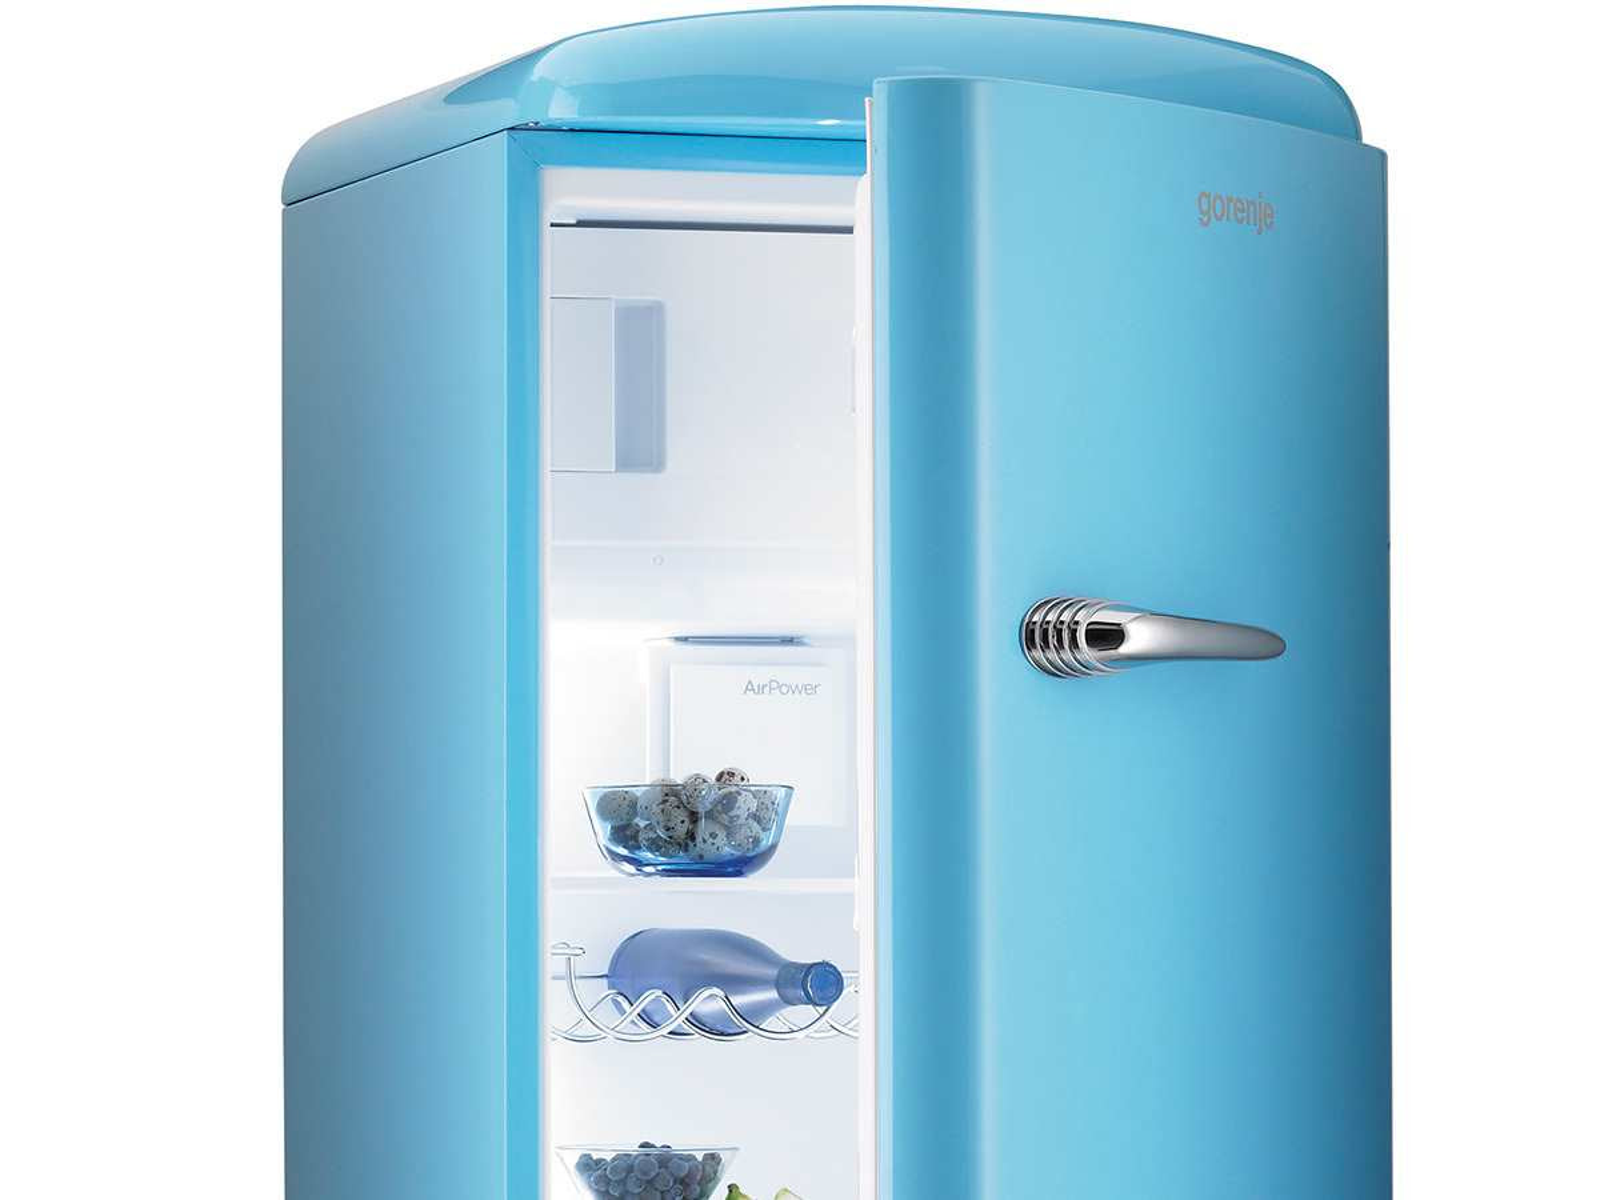 Gorenje Kühlschrank Hi 1526 Ersatzteile : Kühlschrank blau gorenje ruiz claudia